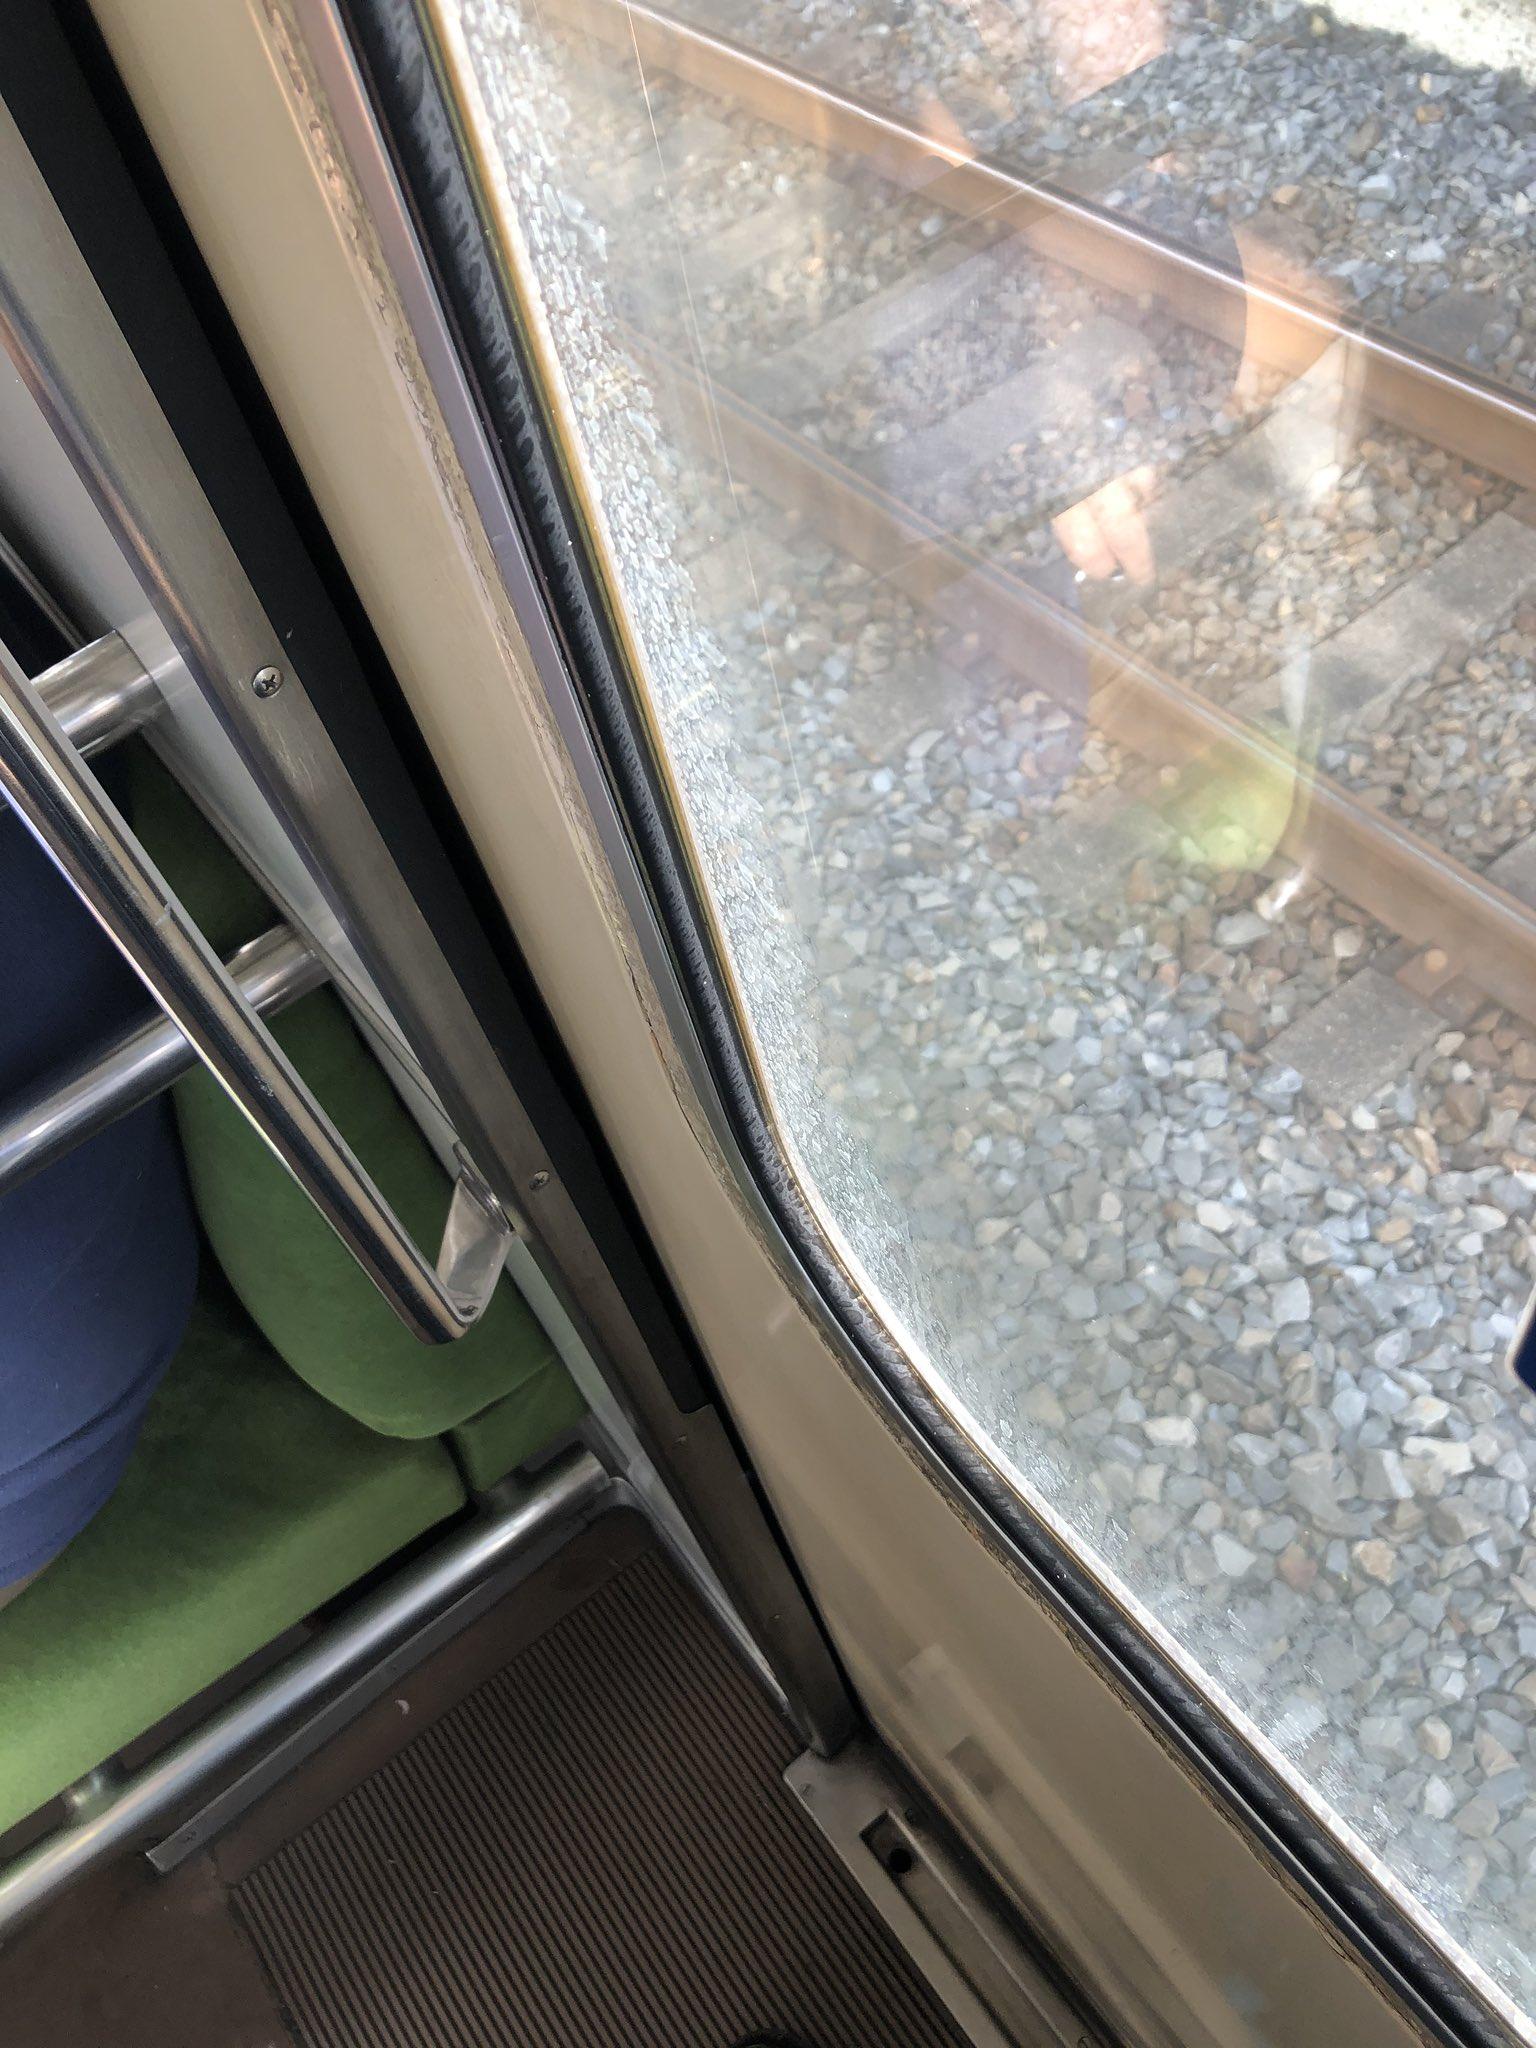 画像,で、電車止まりました...人身事故で動けません... https://t.co/twLGFIYAe6。